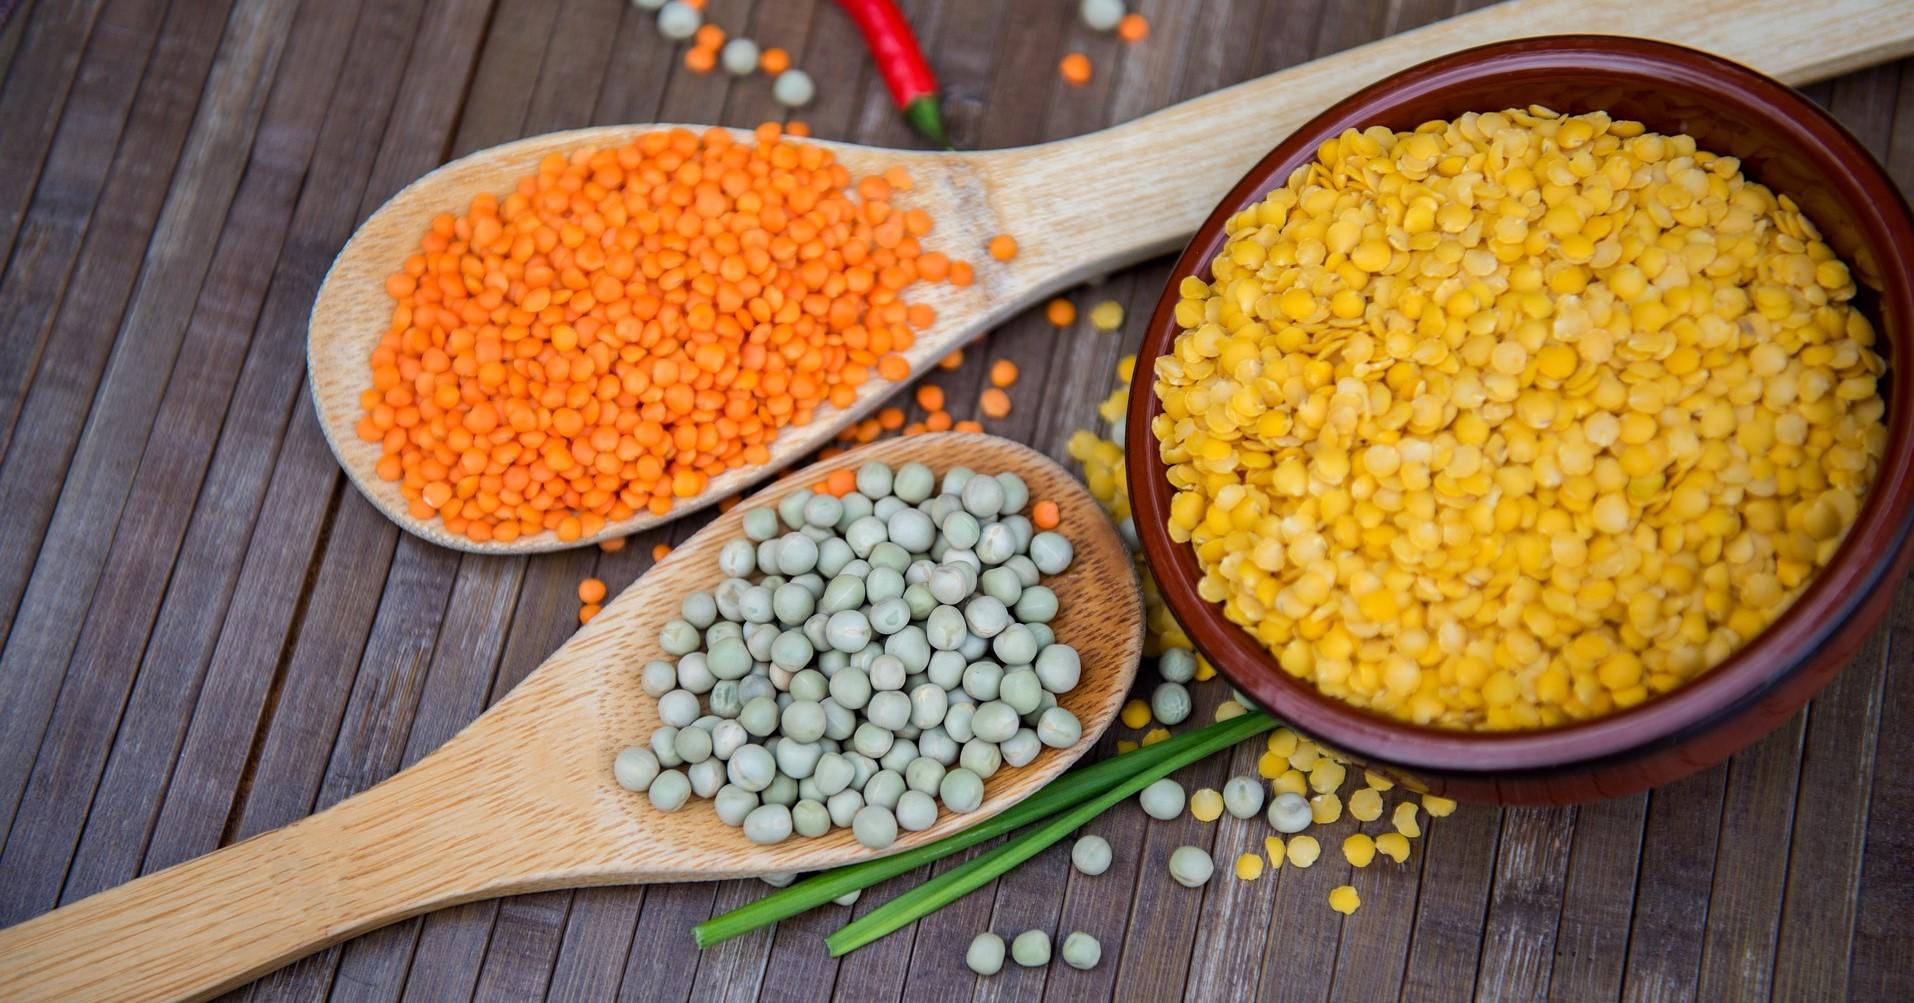 Vpliv prehrane, bogate z beljakovinami, posebno rastlinskimi